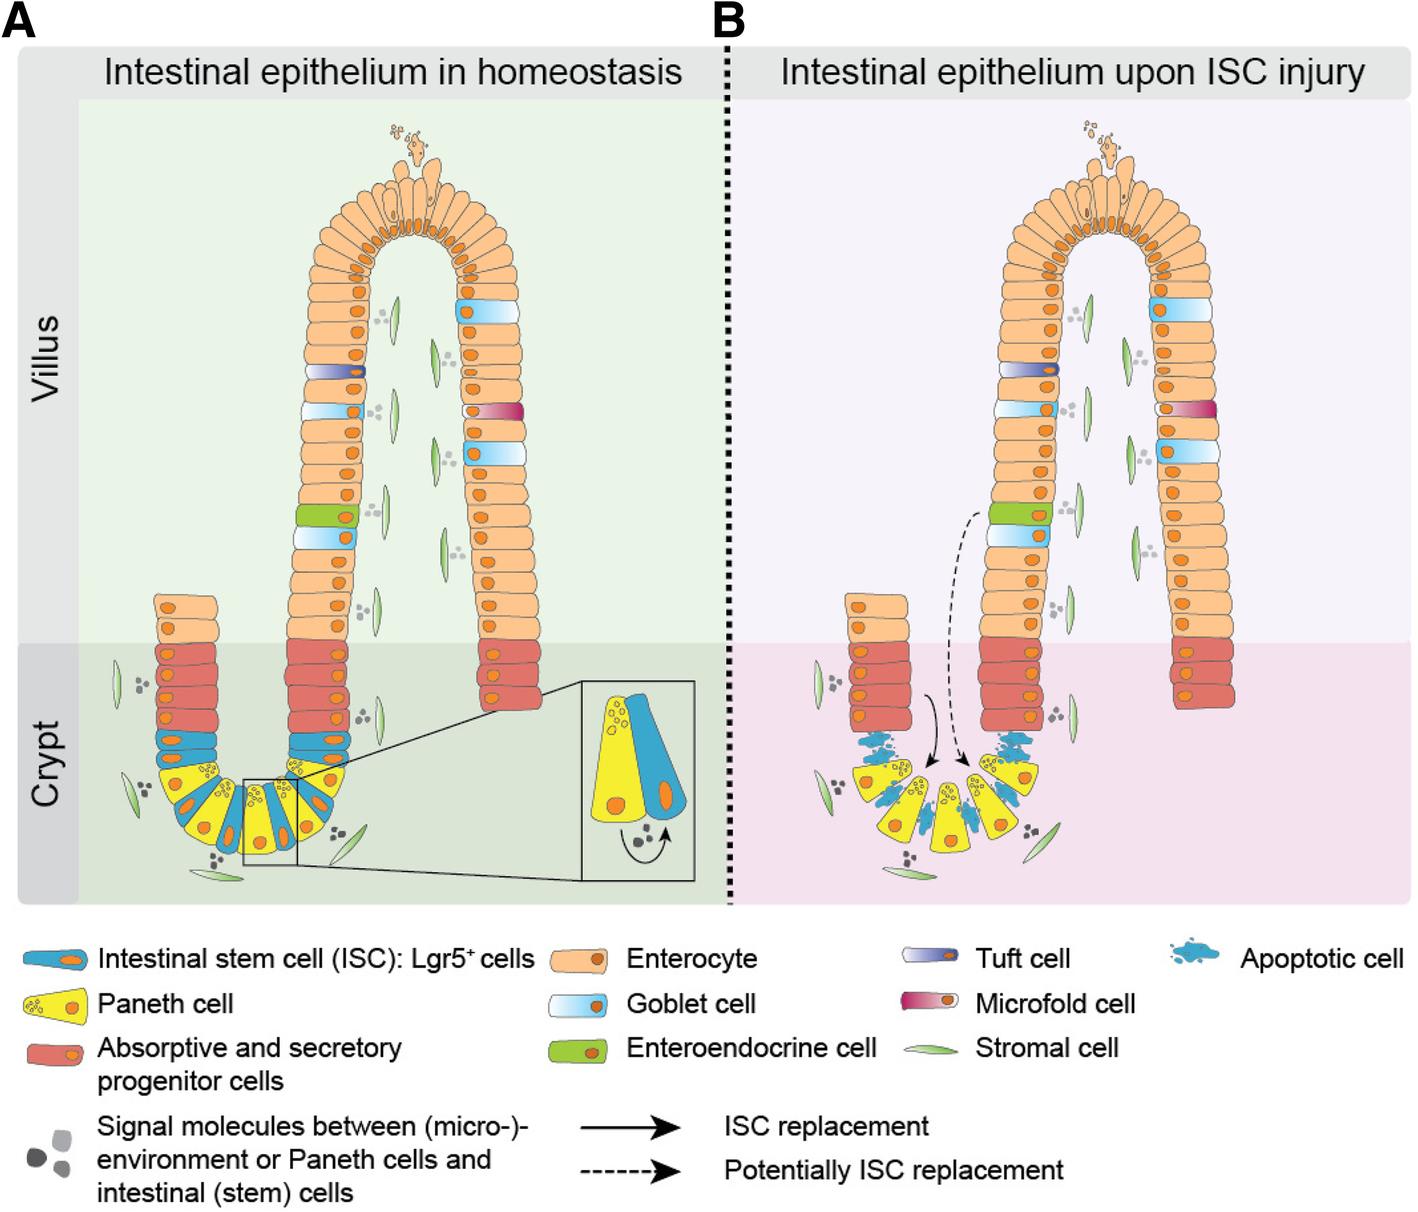 Stem cells in homeostasis and cancer of the gut | SpringerLink